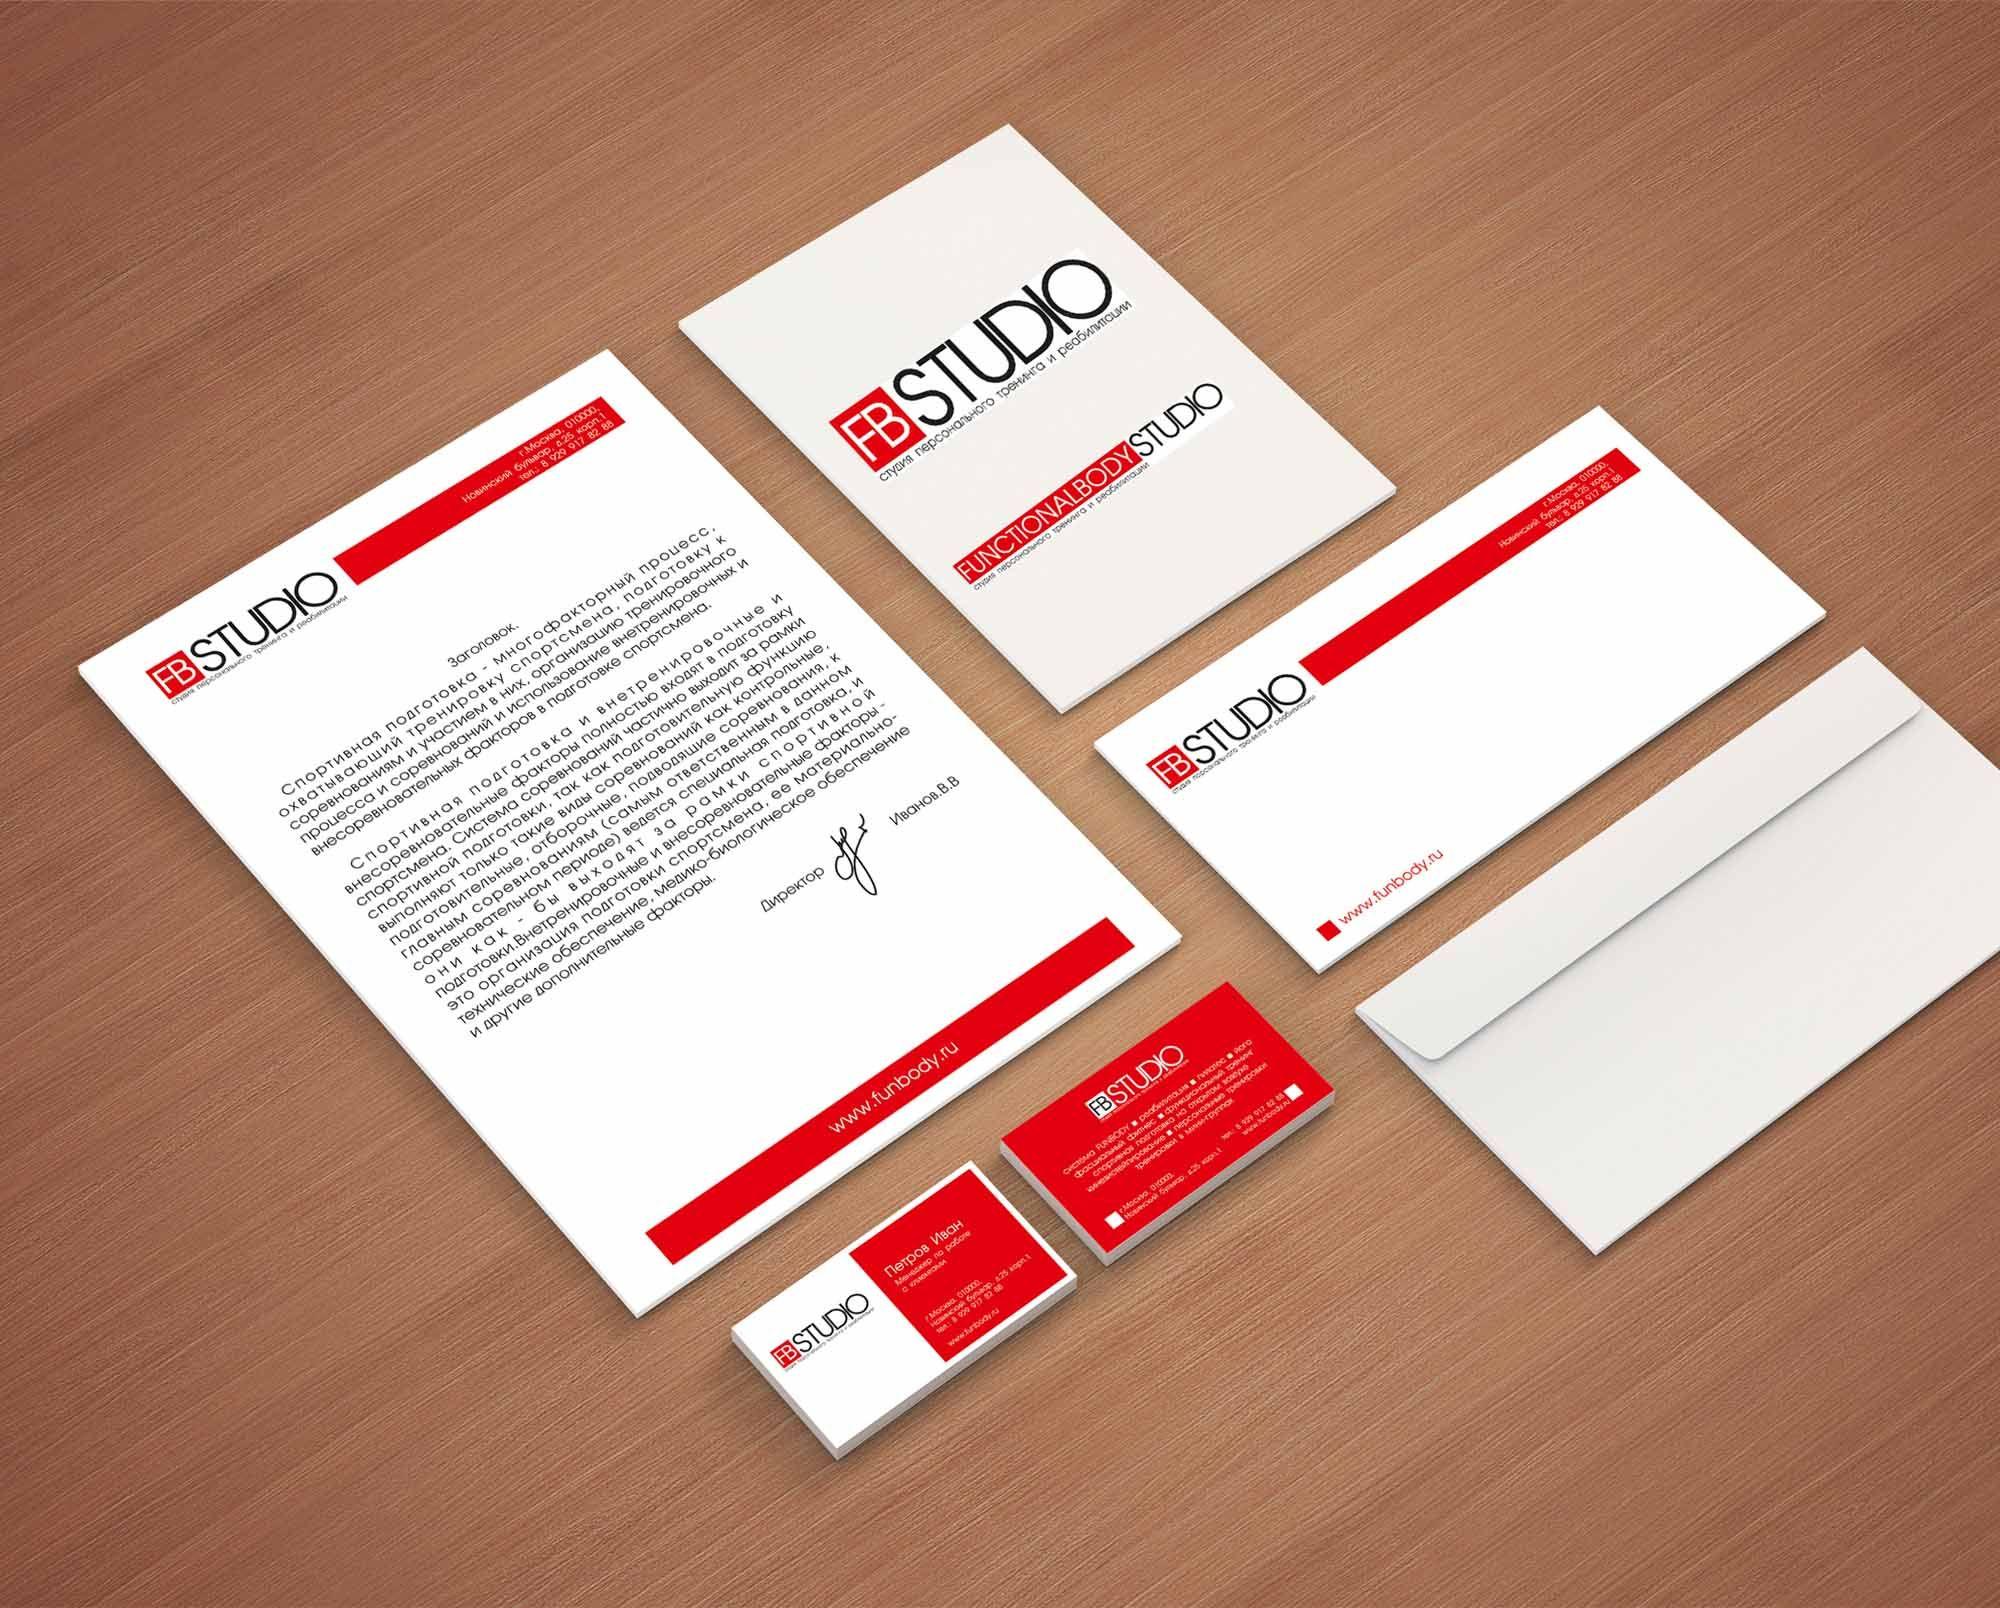 Лого и фирменный стиль для спортивной студии  - дизайнер olesia